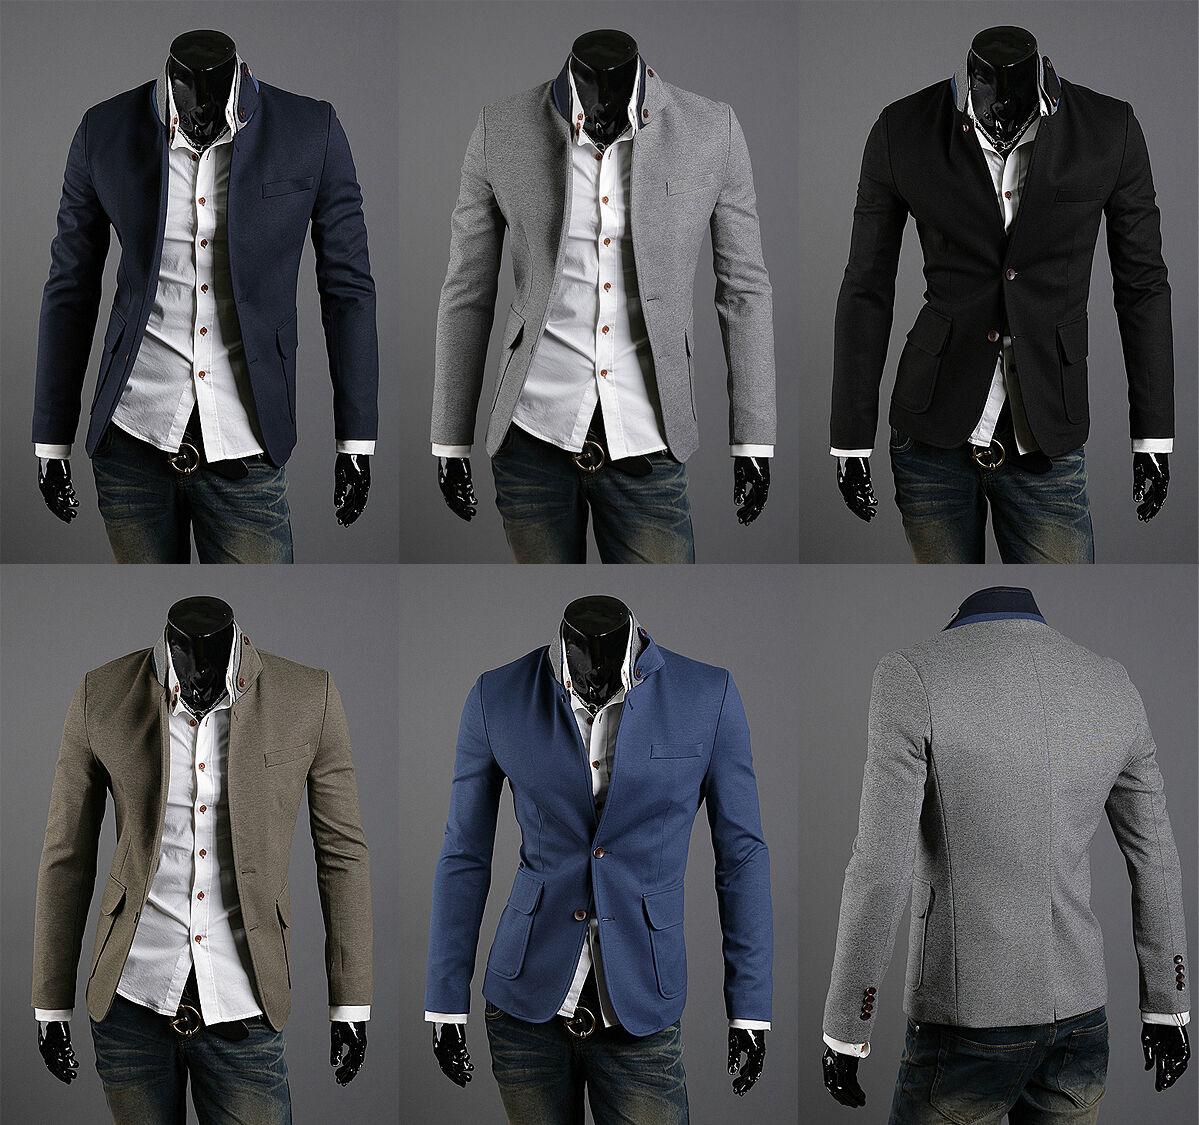 korea_top mens blazer jackets korean fashion two button coat slim suit XS S M L